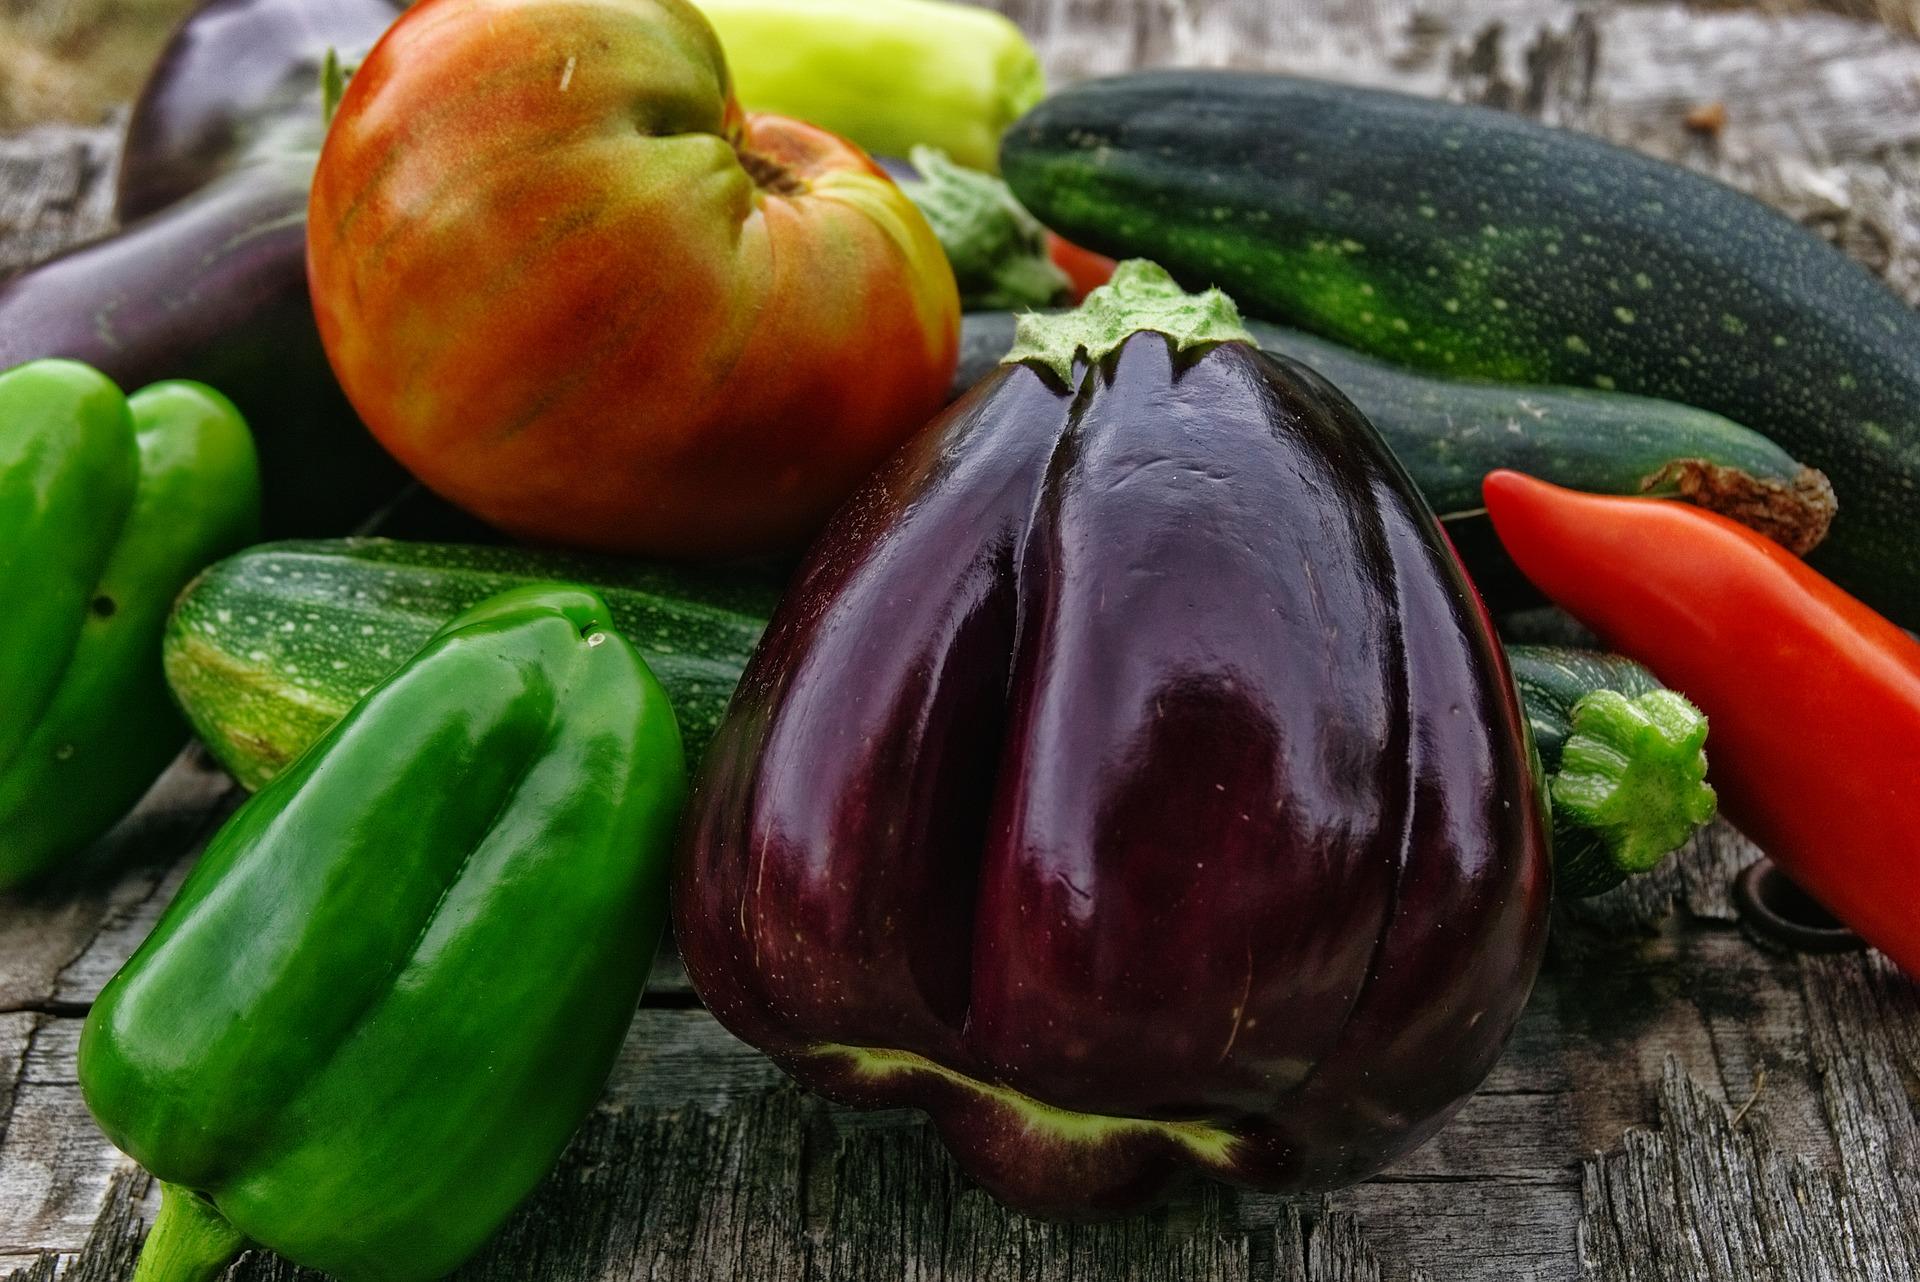 organic-vegetables-reston-farm-market-va.jpg